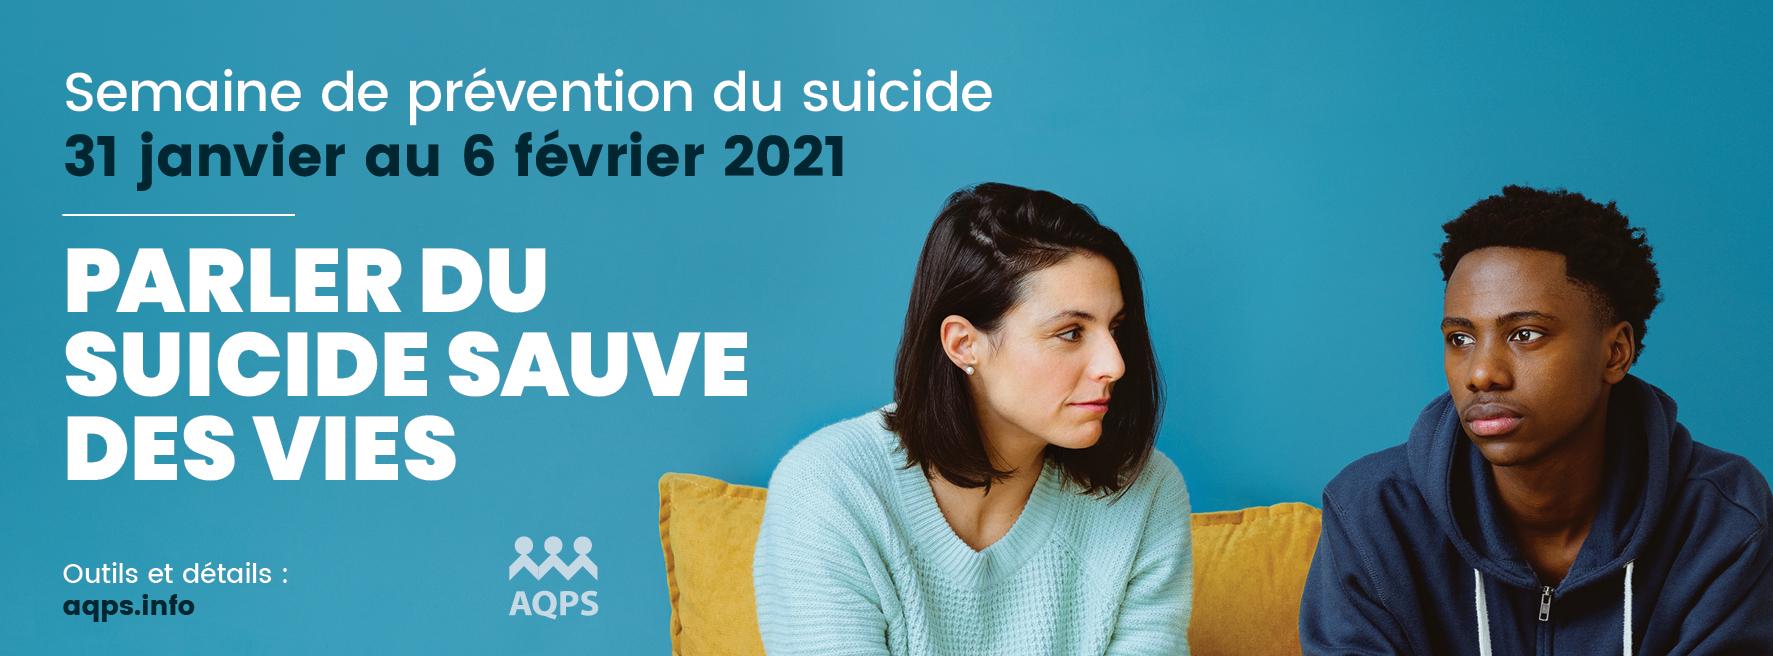 Semaine de prévention du suicide (31 janvier au 6 février 2021)